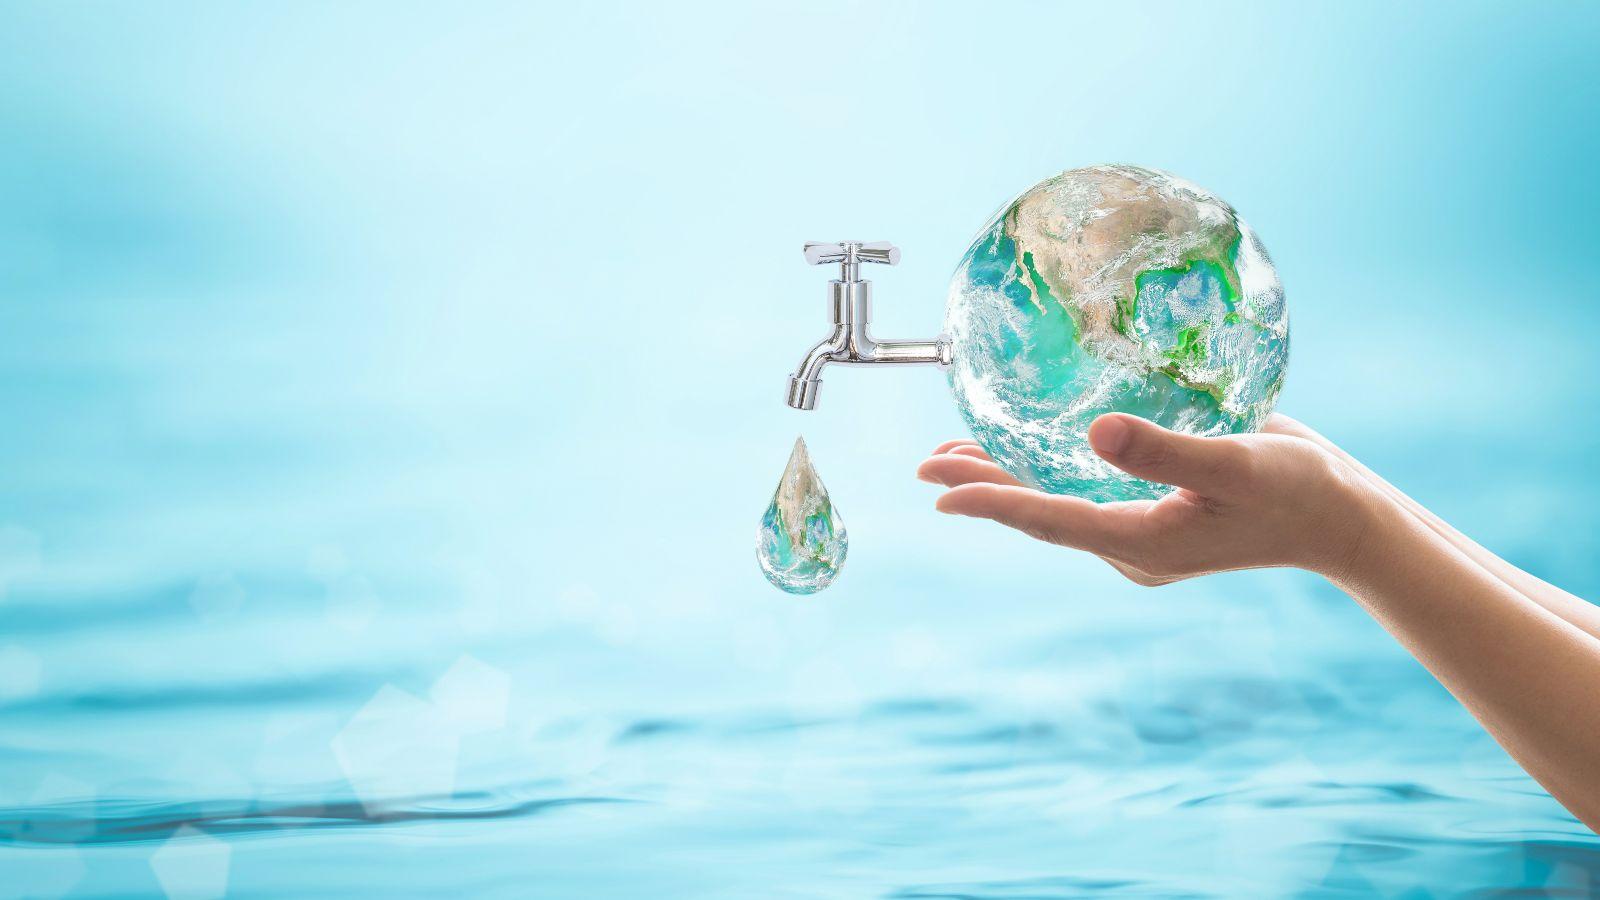 Eine Hand hält eine Erdkugel vor einem Hintergrund aus Wasser. Ein Wasserhahn kommt aus der Erdkugel und ein Tropfen fällt daraus, der einen Teil der Erdkugel enthält.